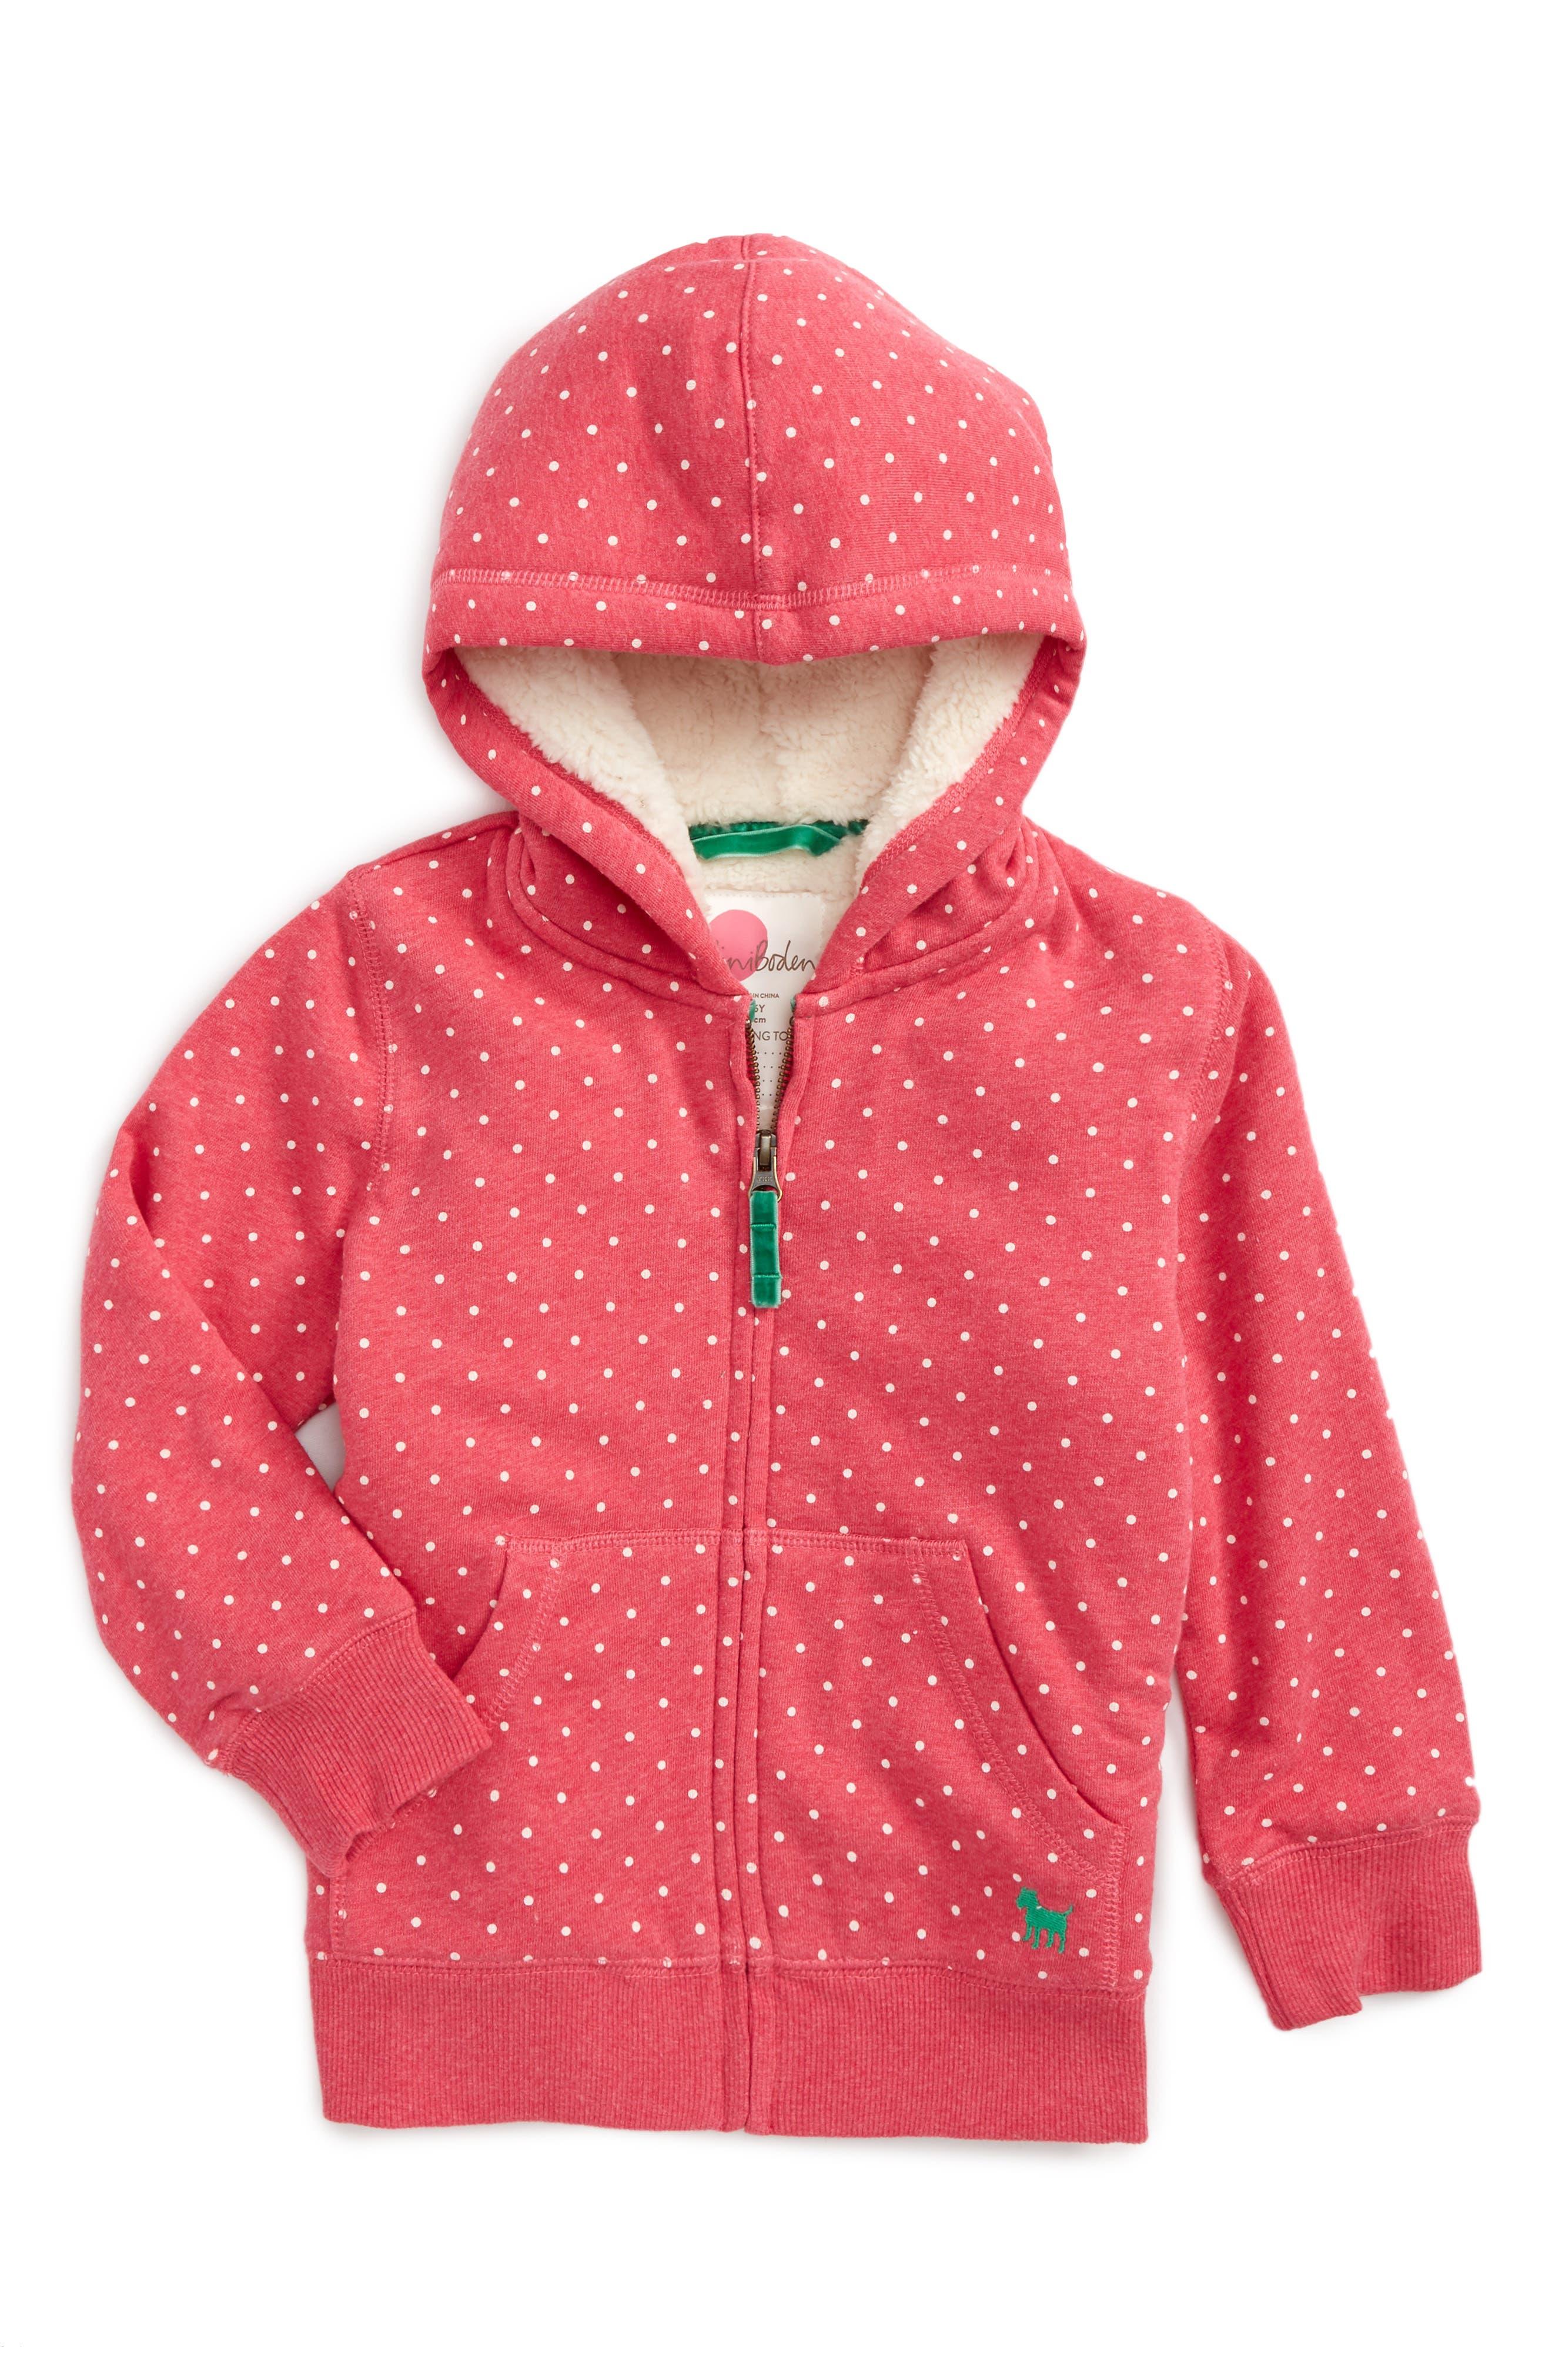 Boden Print Shaggy Lined Hoodie (Toddler Girls, Little Girls & Big Girls)